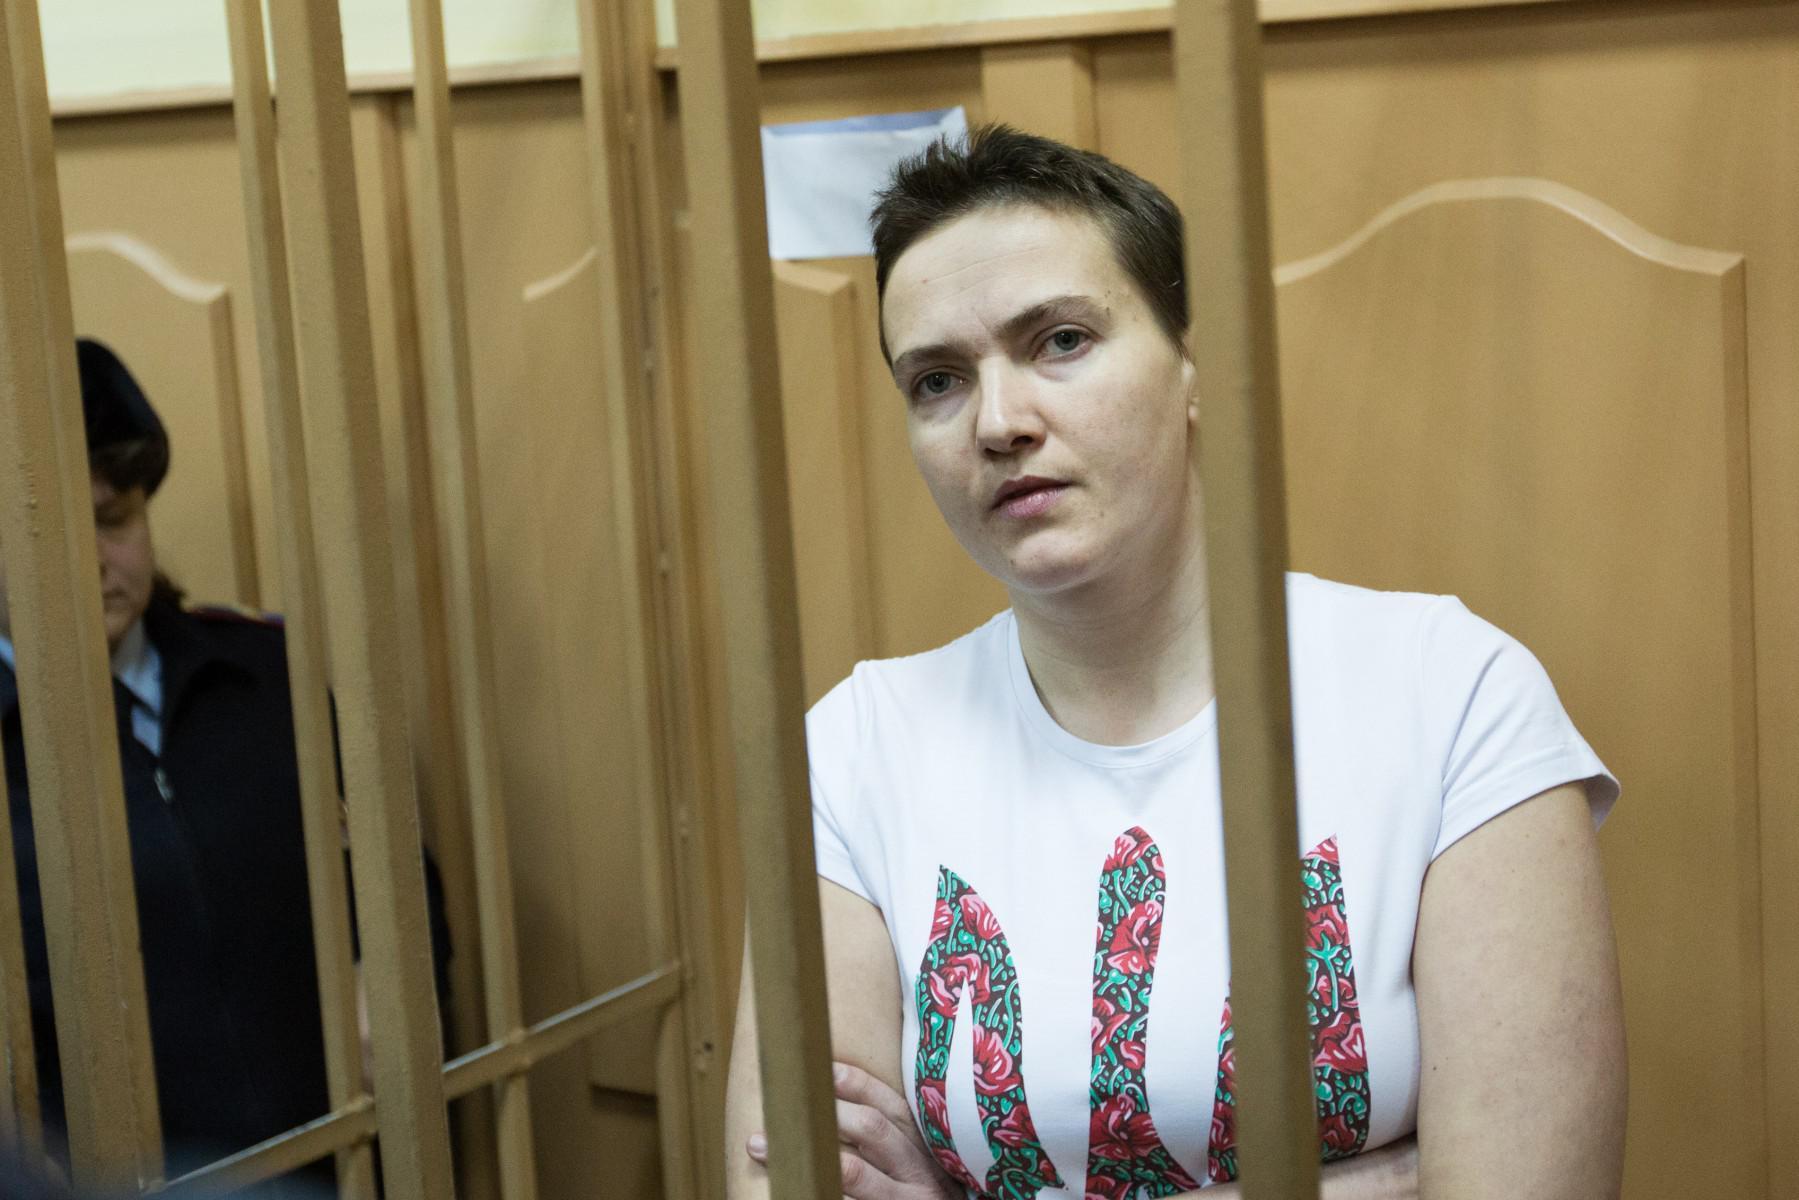 Суд по делу Савченко отказался вызывать помощника Суркова, однако взял на изучение видеозаписи стороны защиты